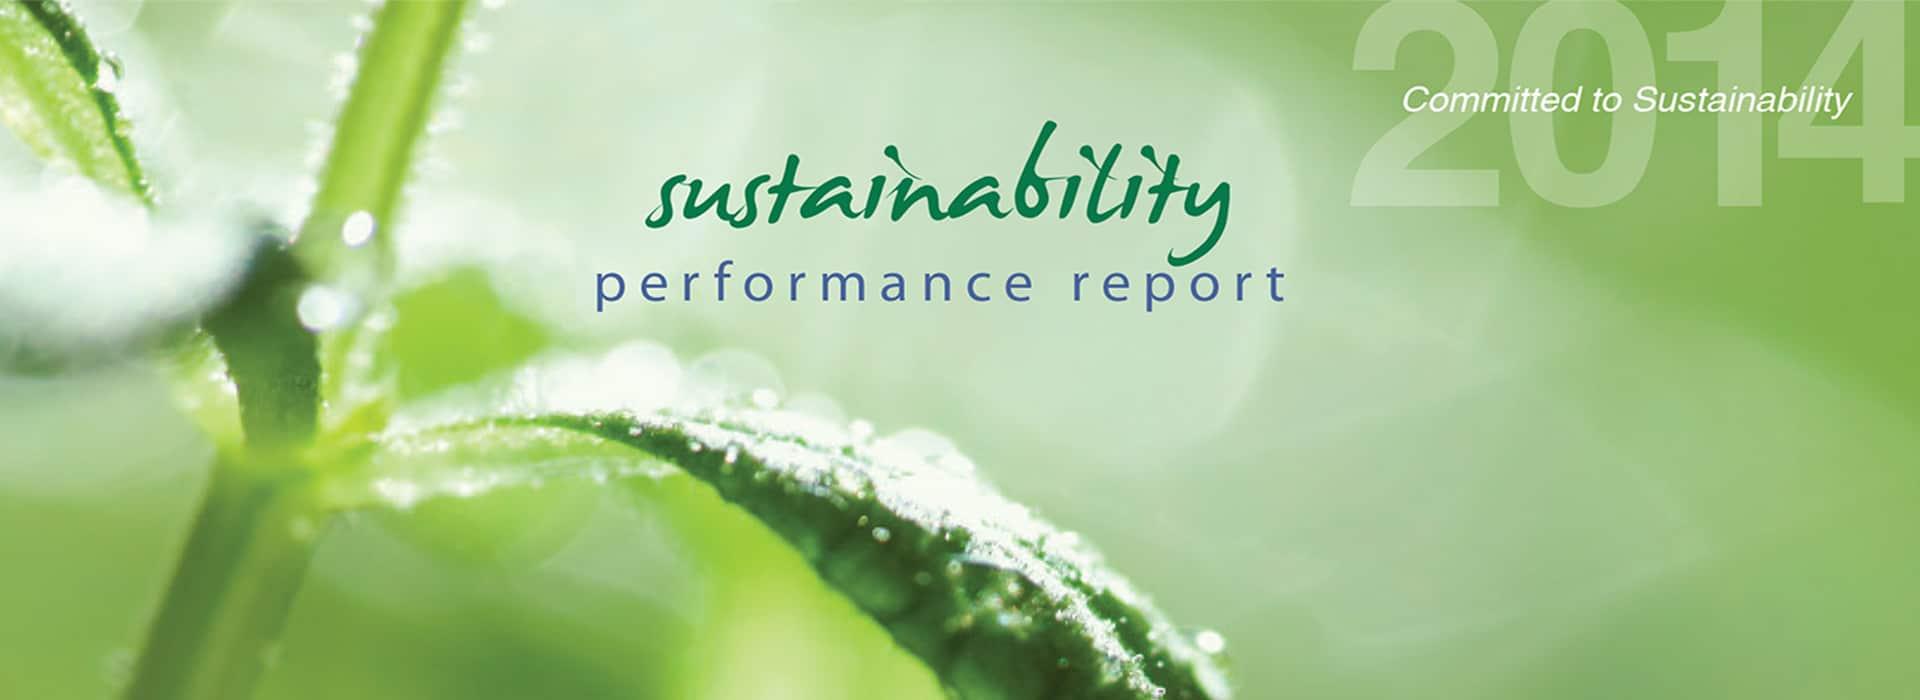 SustainabilityBanner